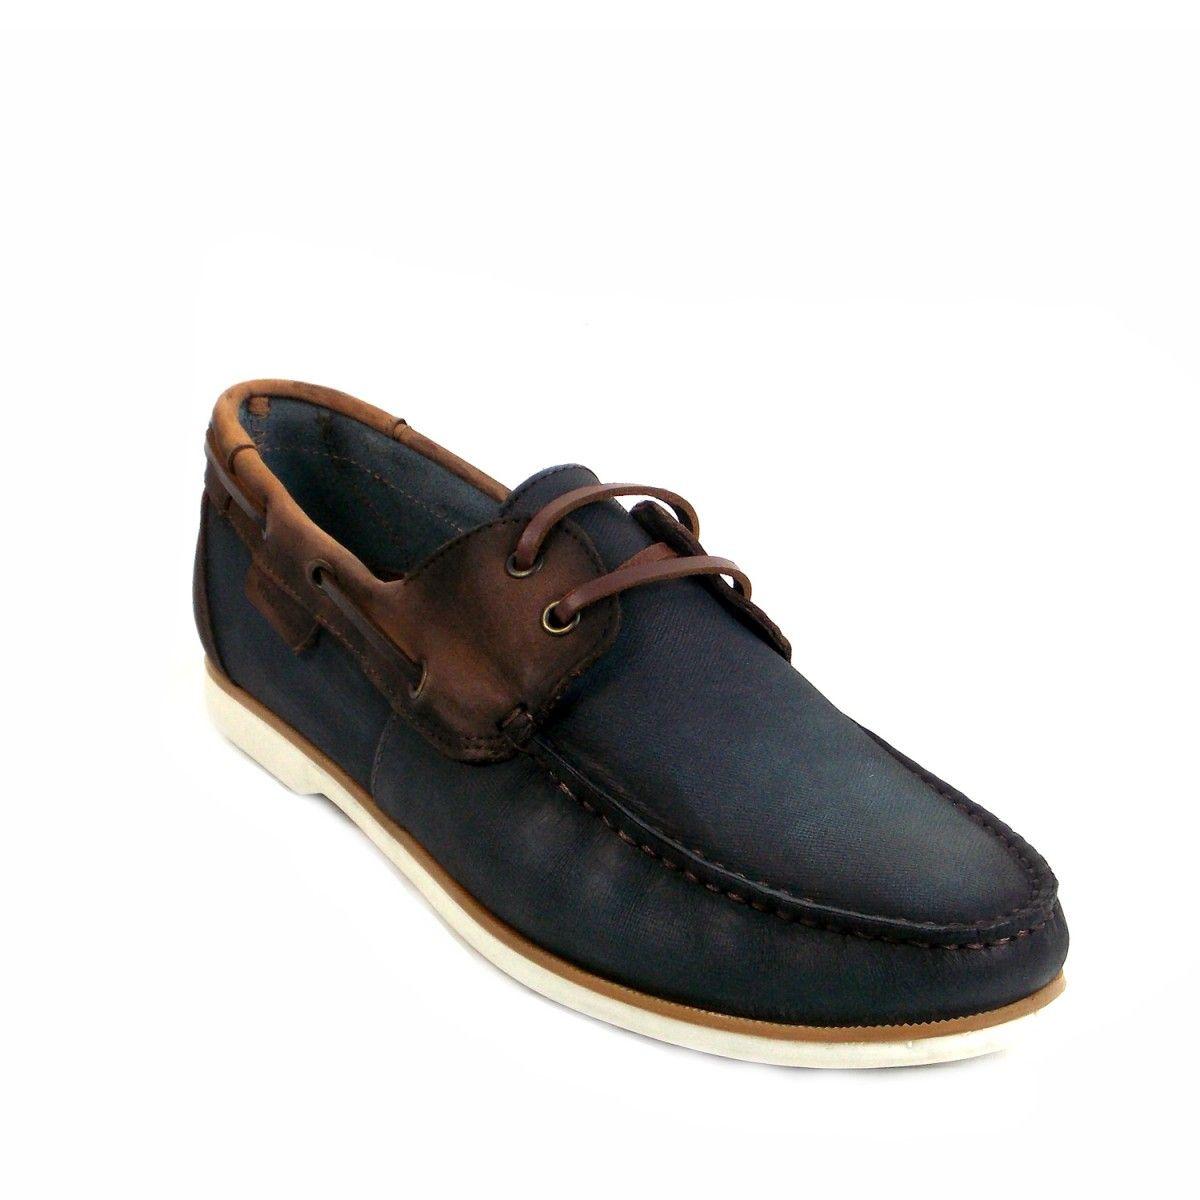 84cab2216 Sapato West Coast Mocassim Casual Masculino Baker Havana Azul Marine  Castanho Homens sofisticados e elegântes estão sempre em busca de novidades  de beleza e ...